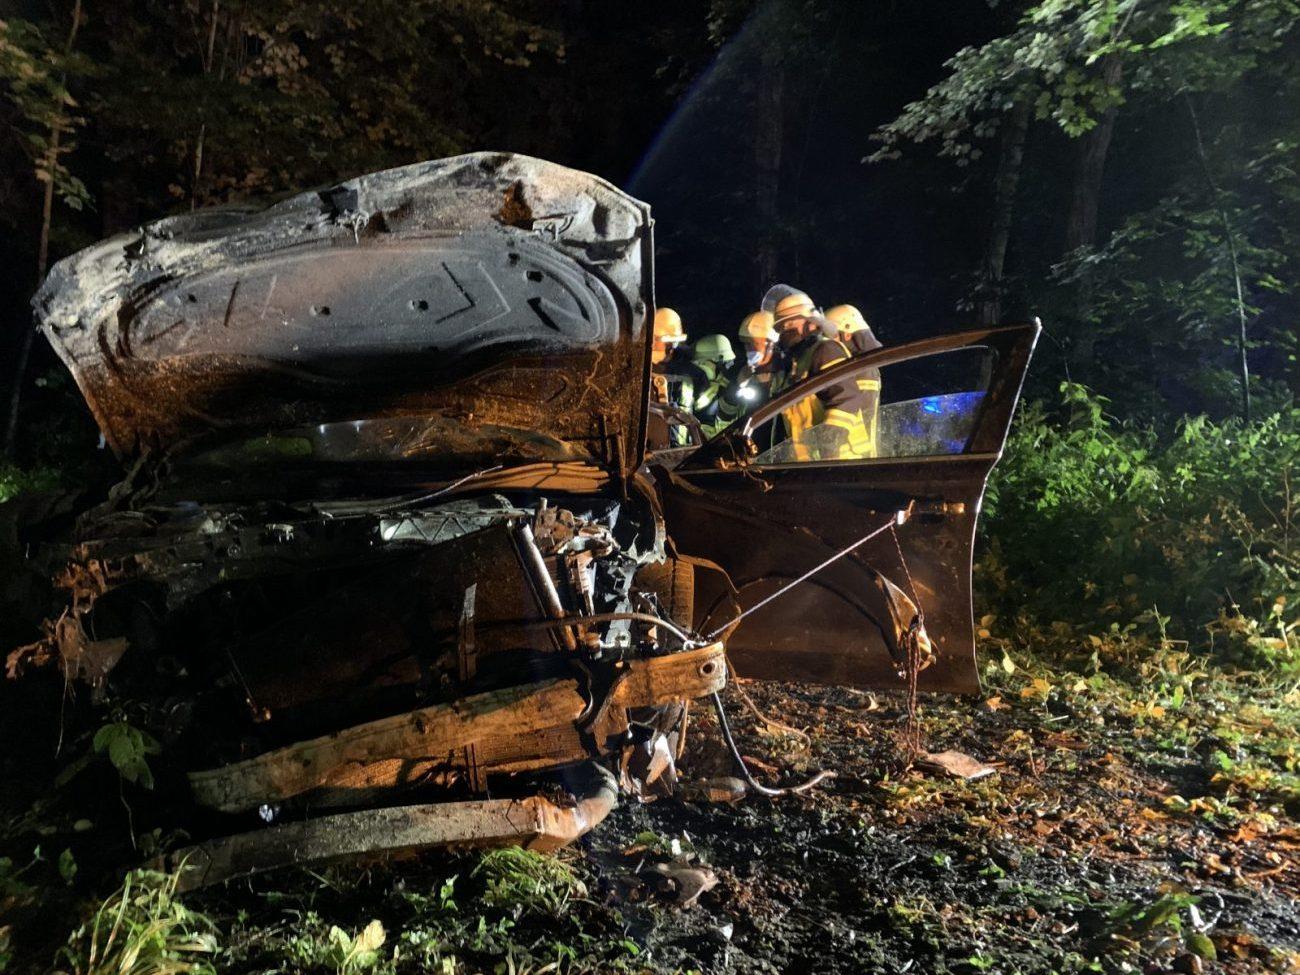 (FOTO) PROMETNA NESREĆA U NJEMAČKOJ: Vozilo letjelo 100 metara, nekoliko osoba teško ozlijeđeno